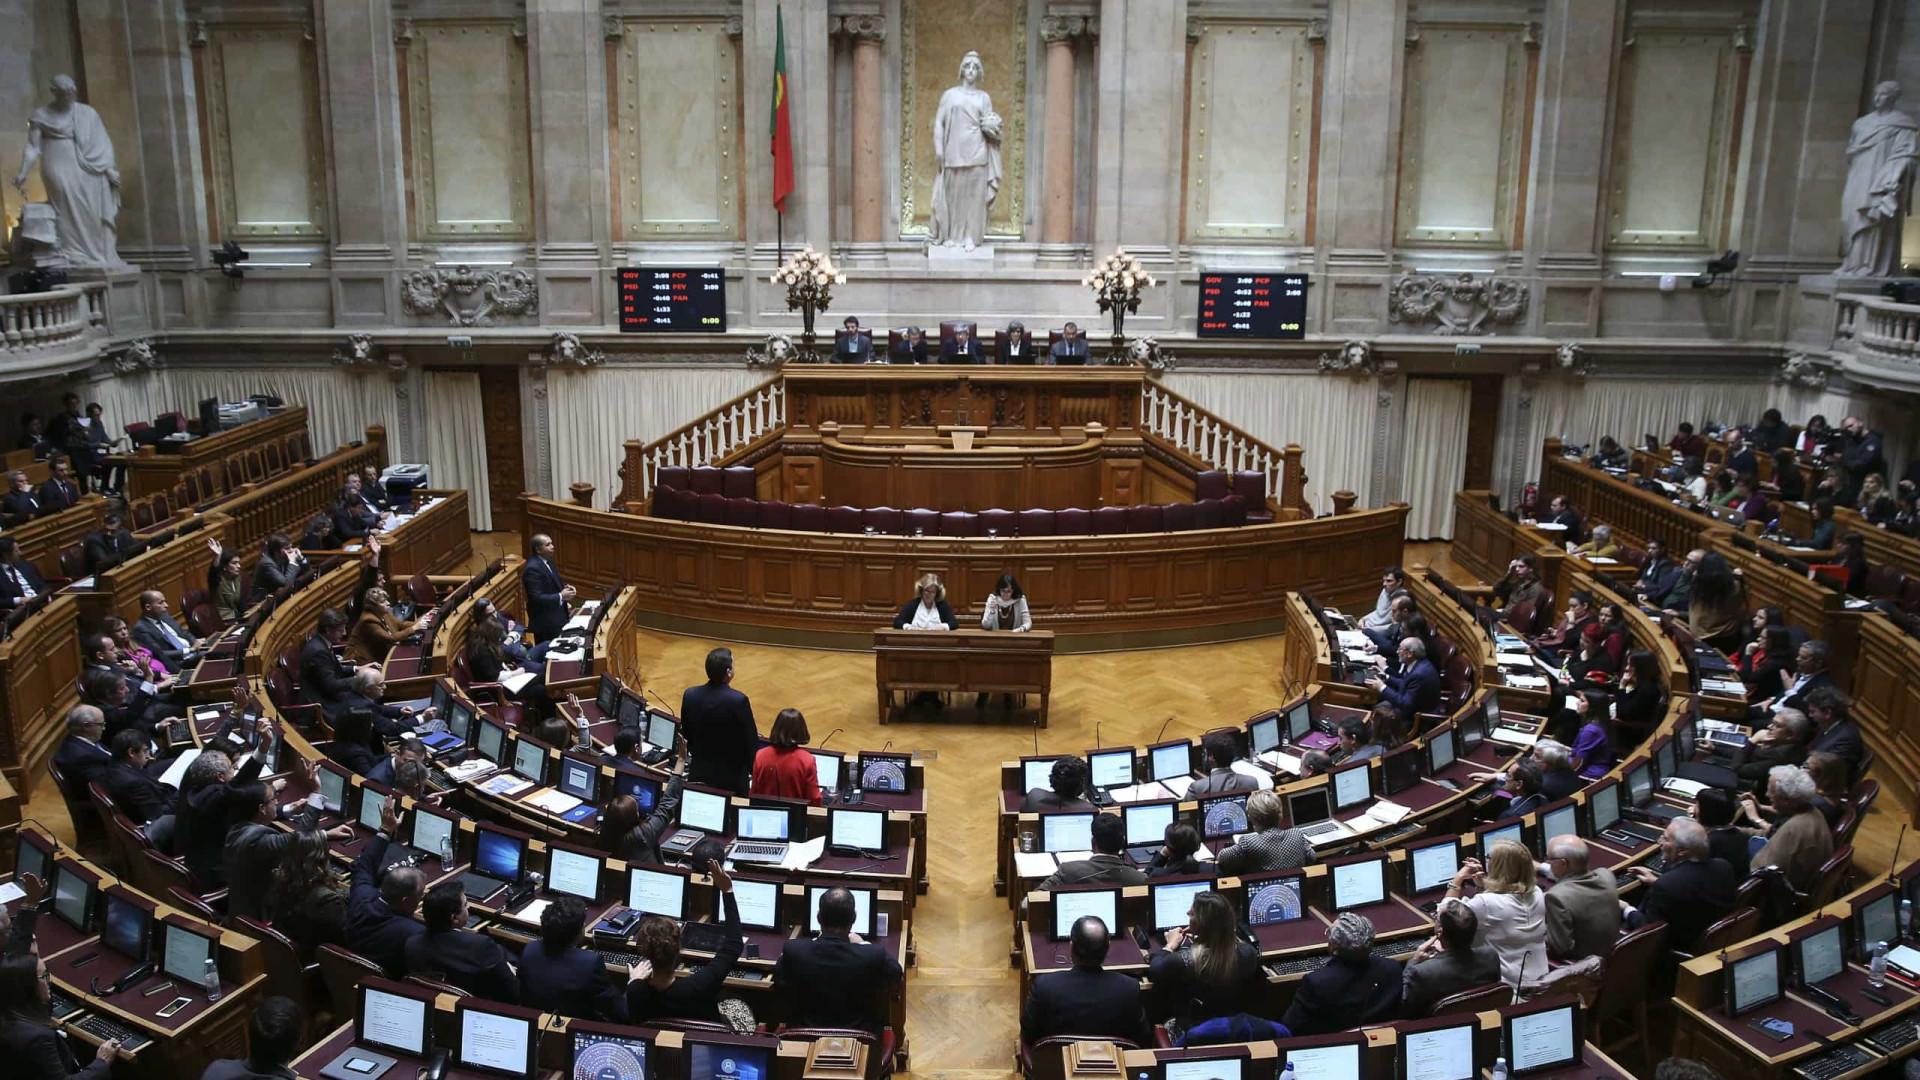 Orçamento marca arranque de ano parlamentar, com leis eleitorais à vista